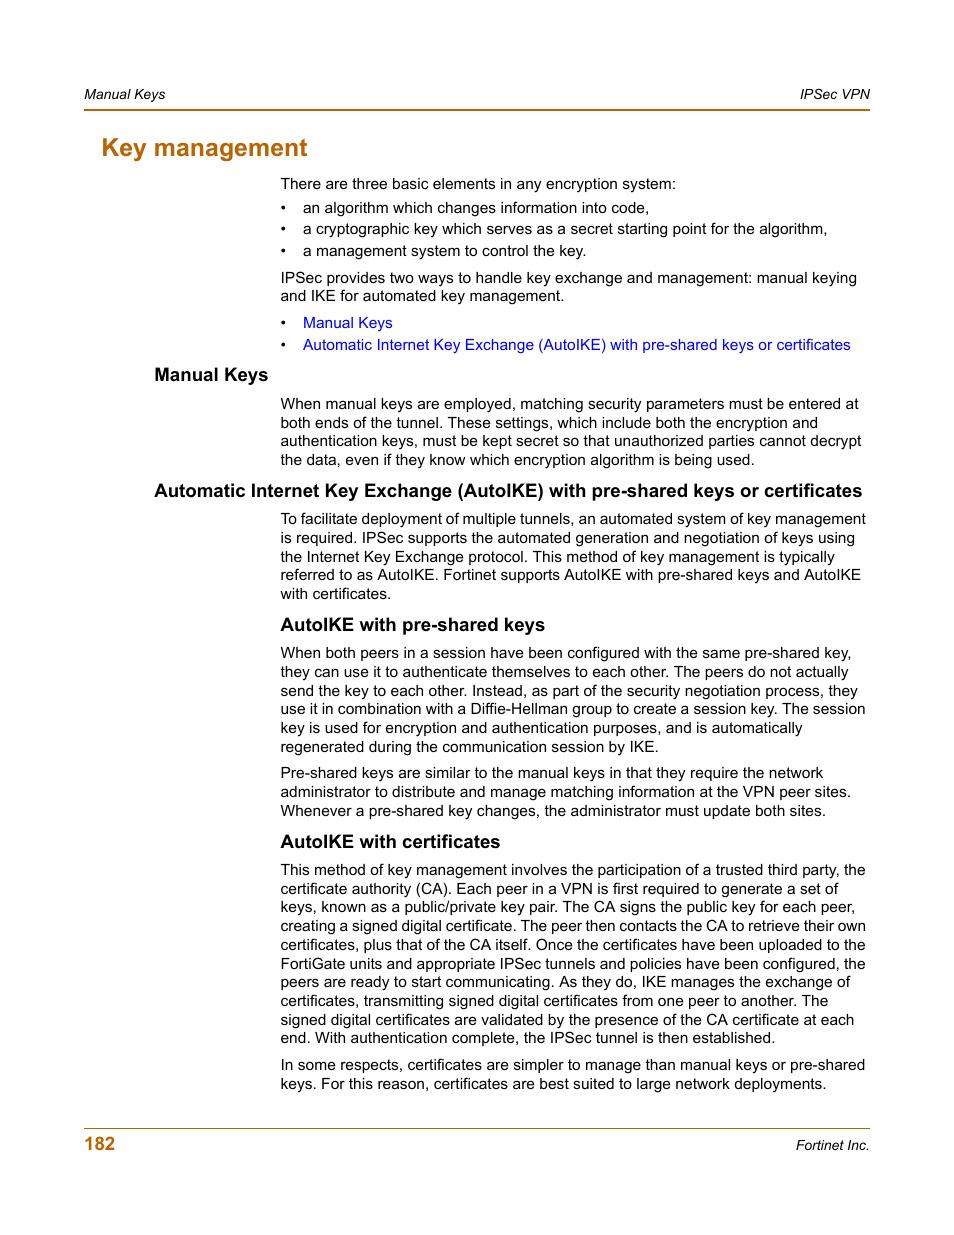 Key management, Manual keys, Autoike with pre-shared keys